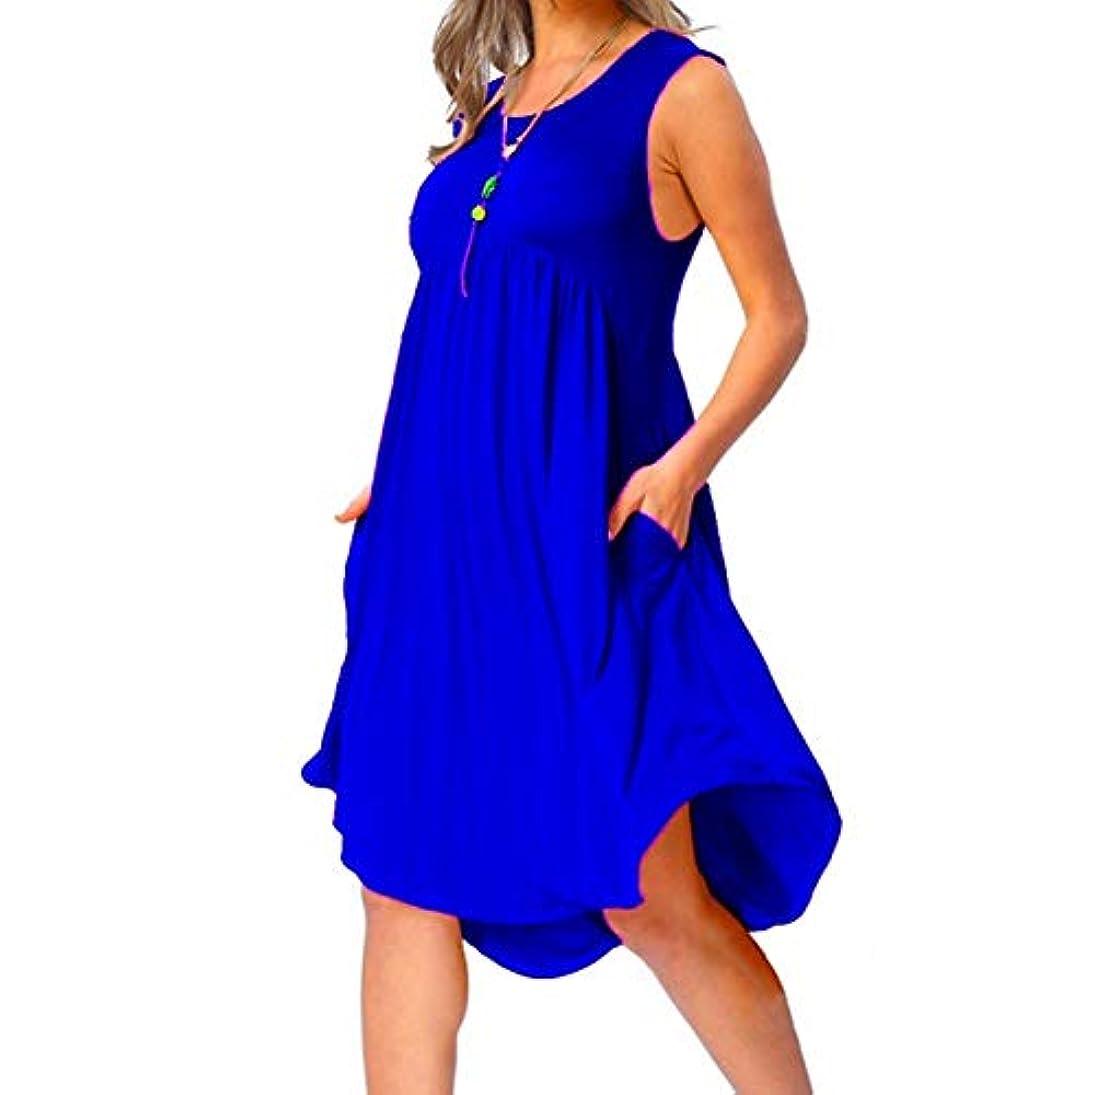 もっともらしい意図ラインナップMIFAN の女性のドレスカジュアルな不規則なドレスルースサマービーチTシャツドレス